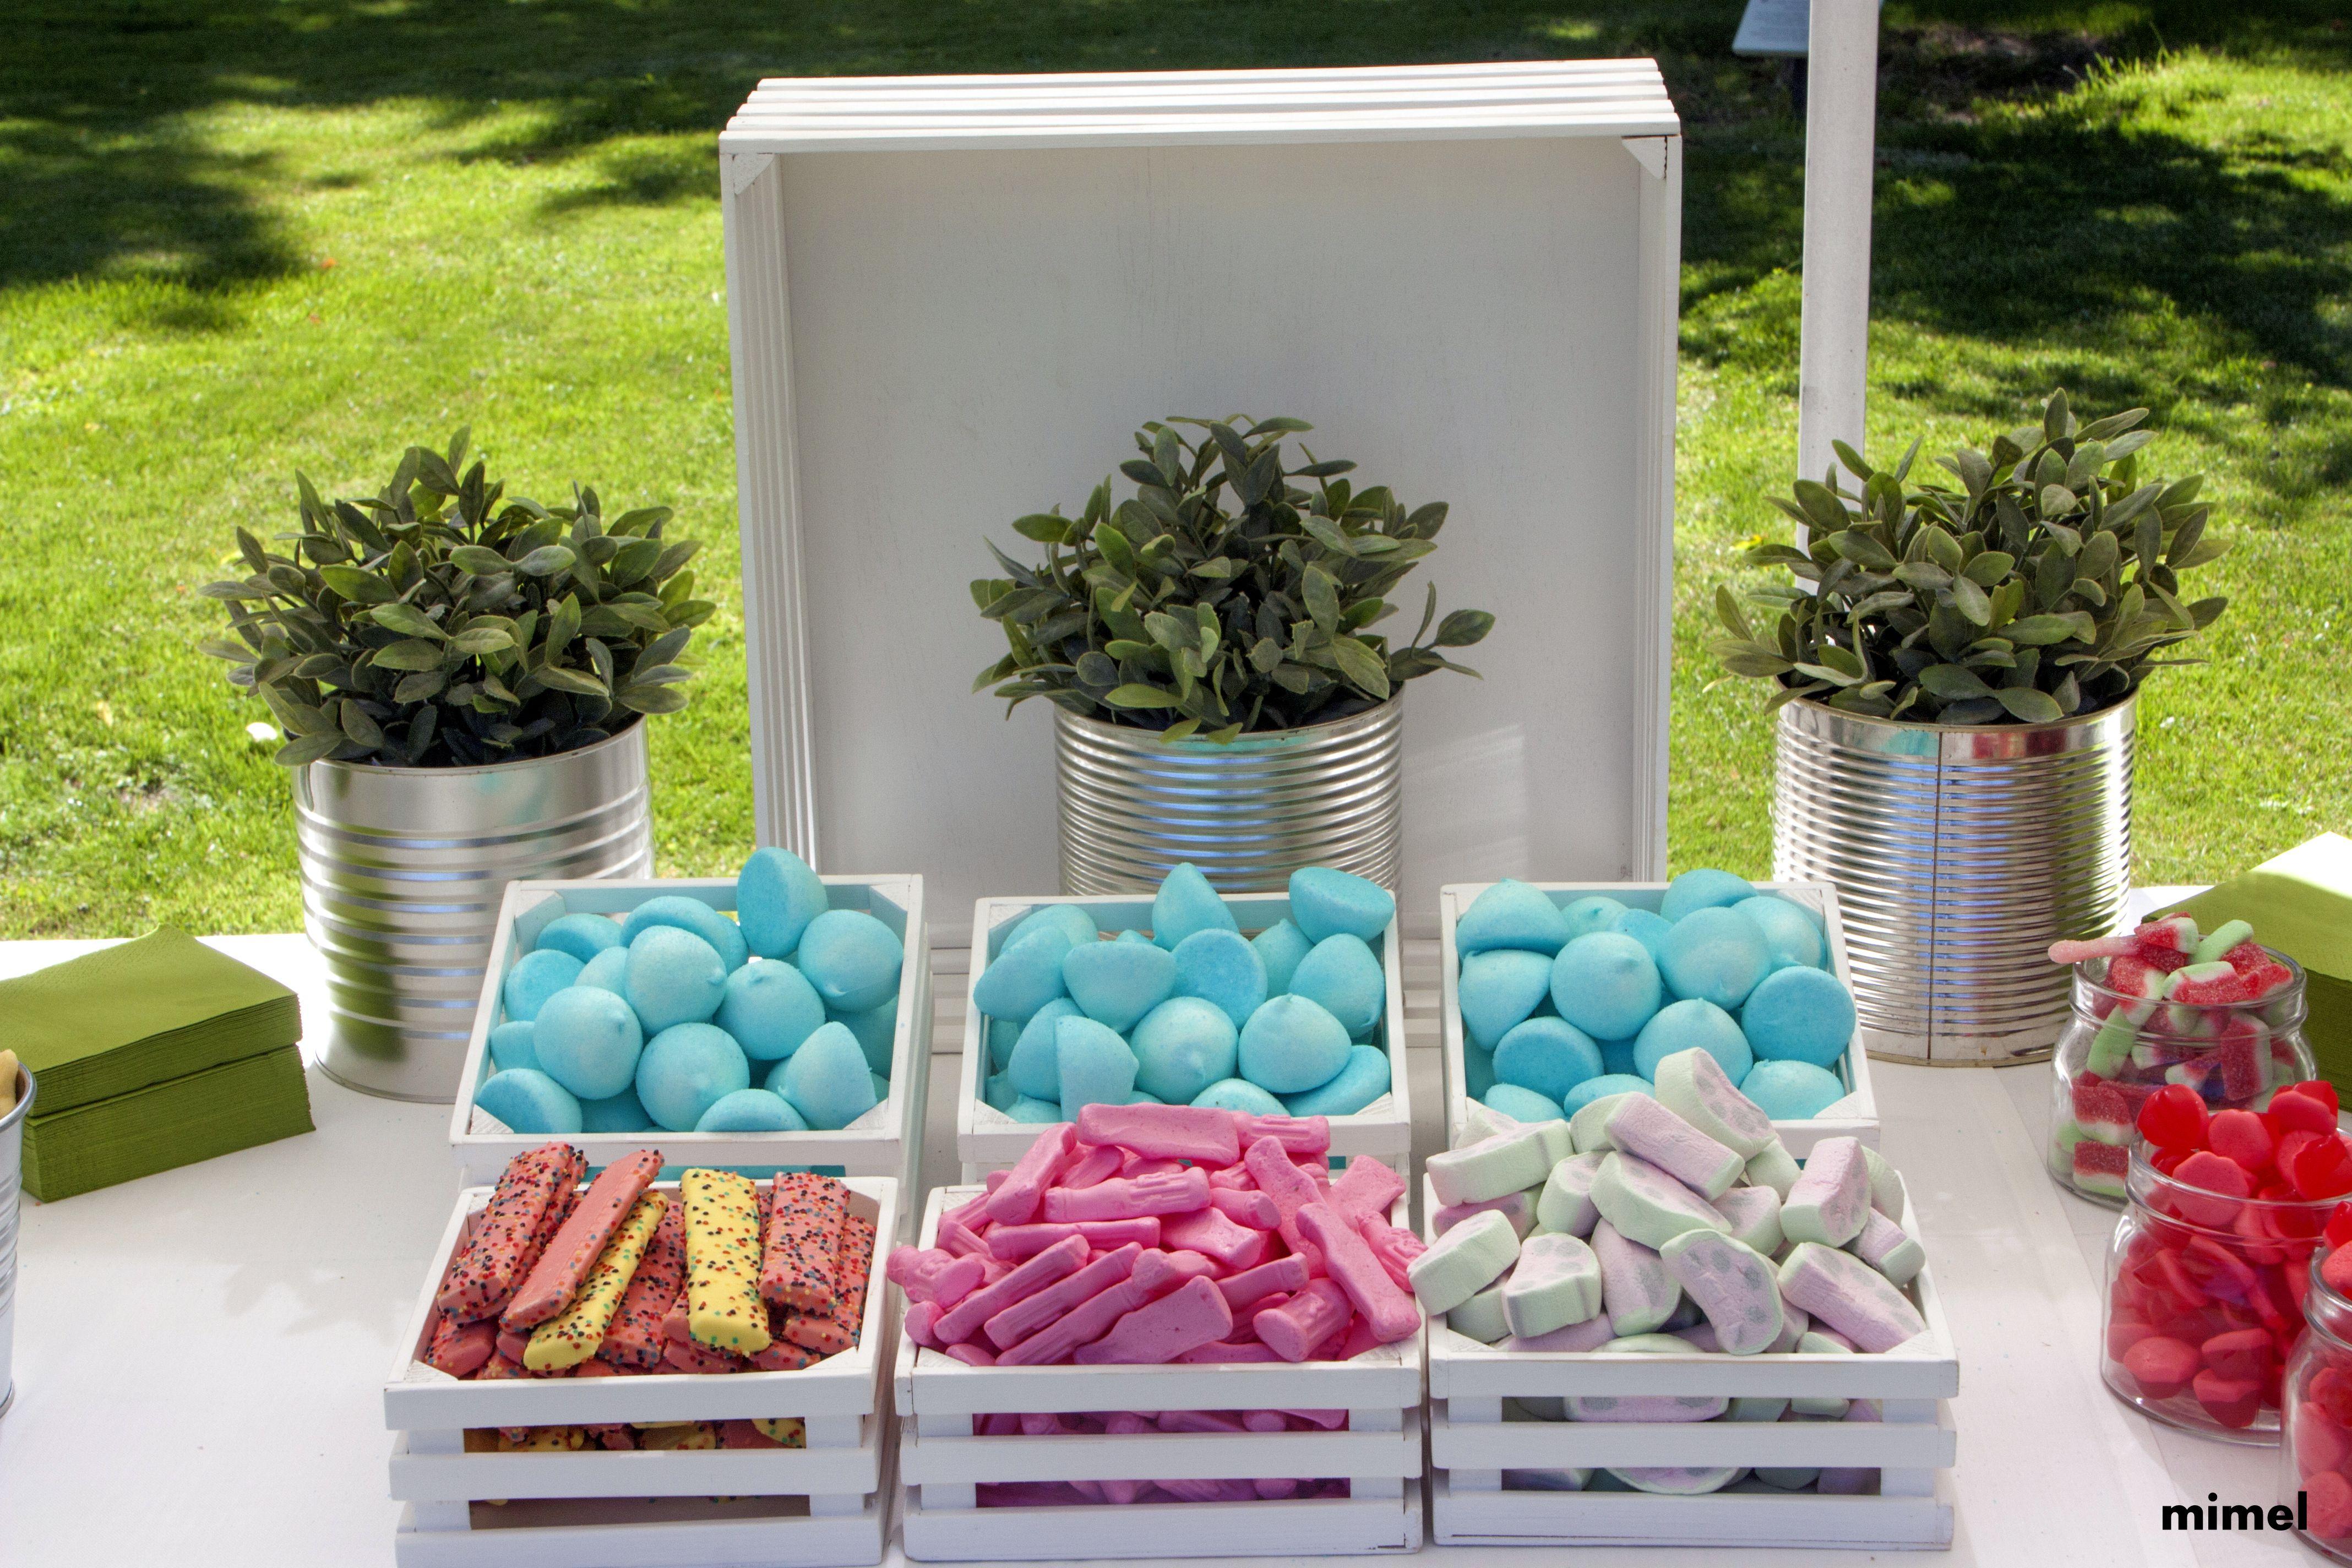 Mesa de chuches boda de l mimel candy bar pinterest for Envolver brochetas de chuches